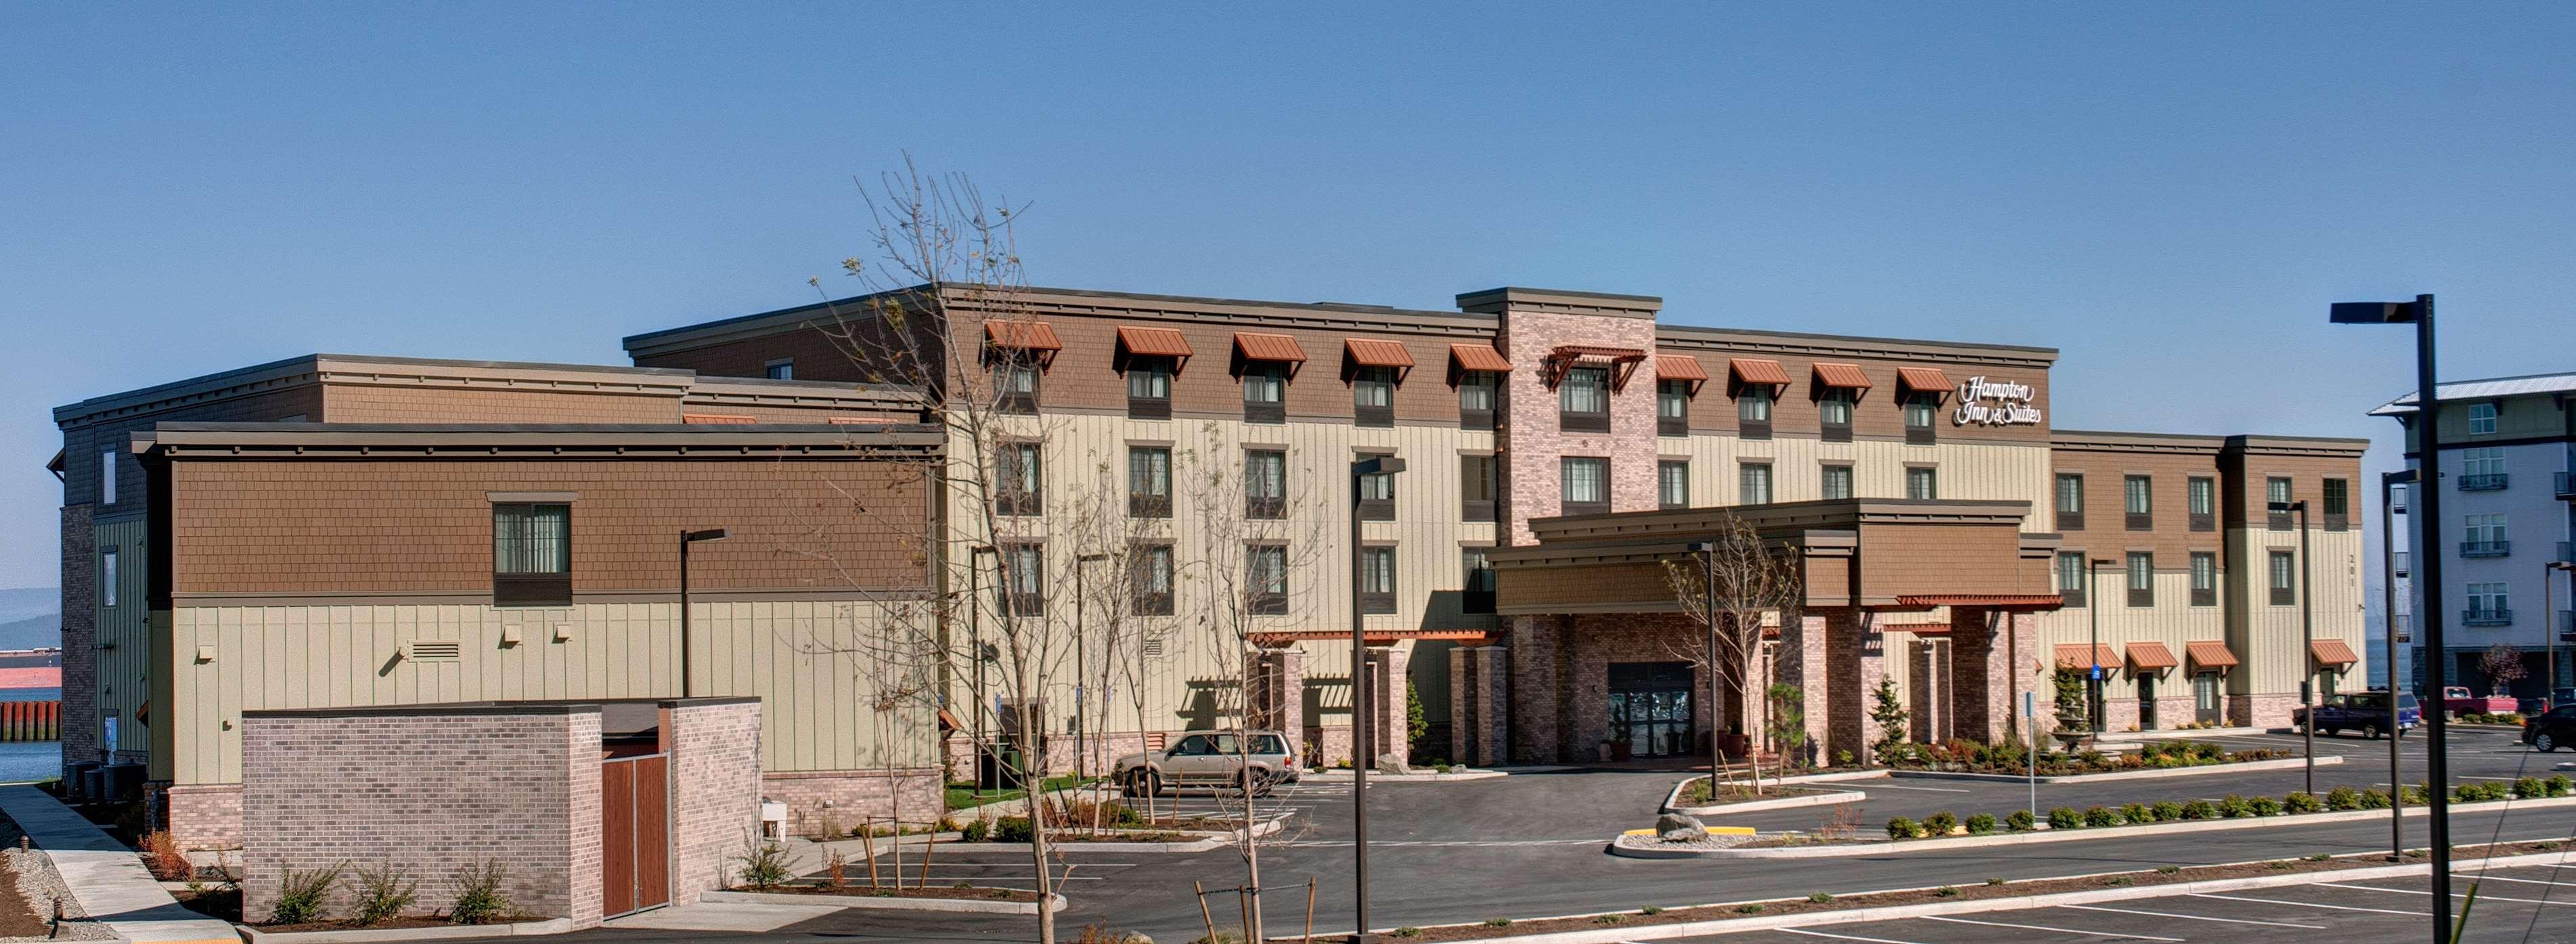 Hampton Inn & Suites Astoria image 3